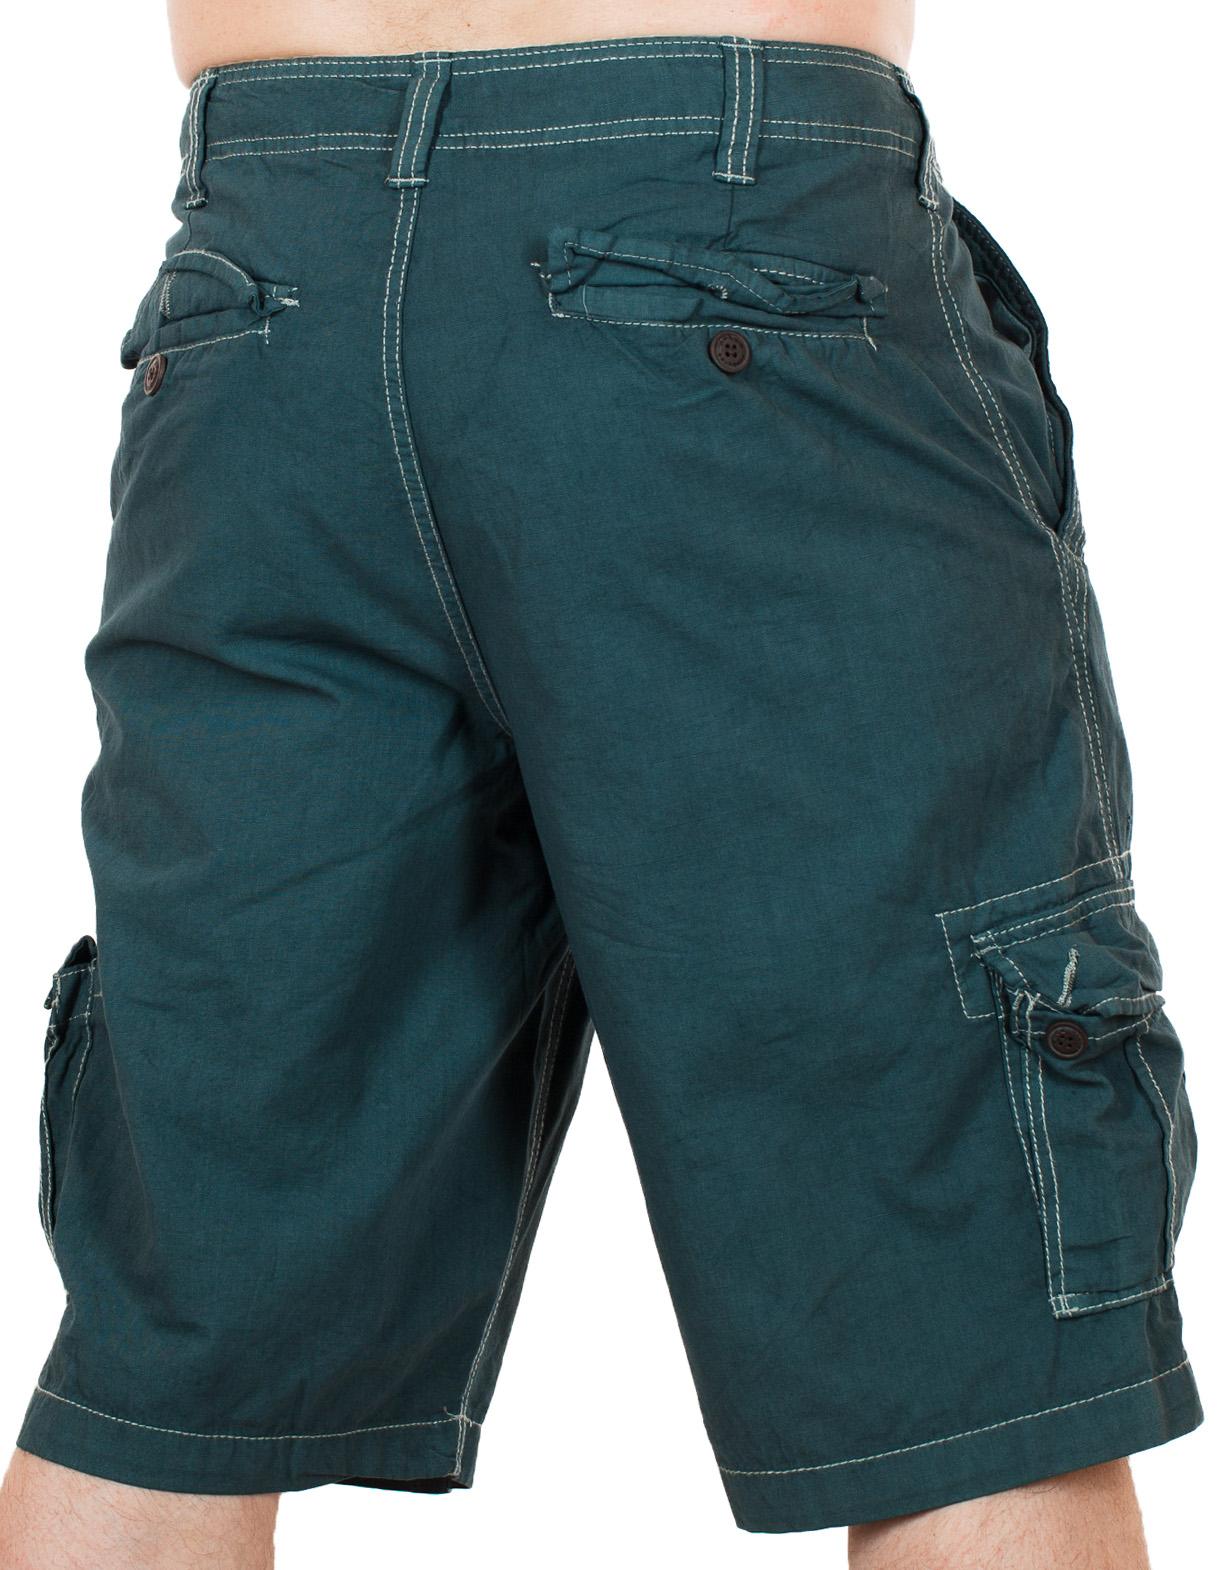 Заказать повседневные мужские шорты от Urban Pipeline